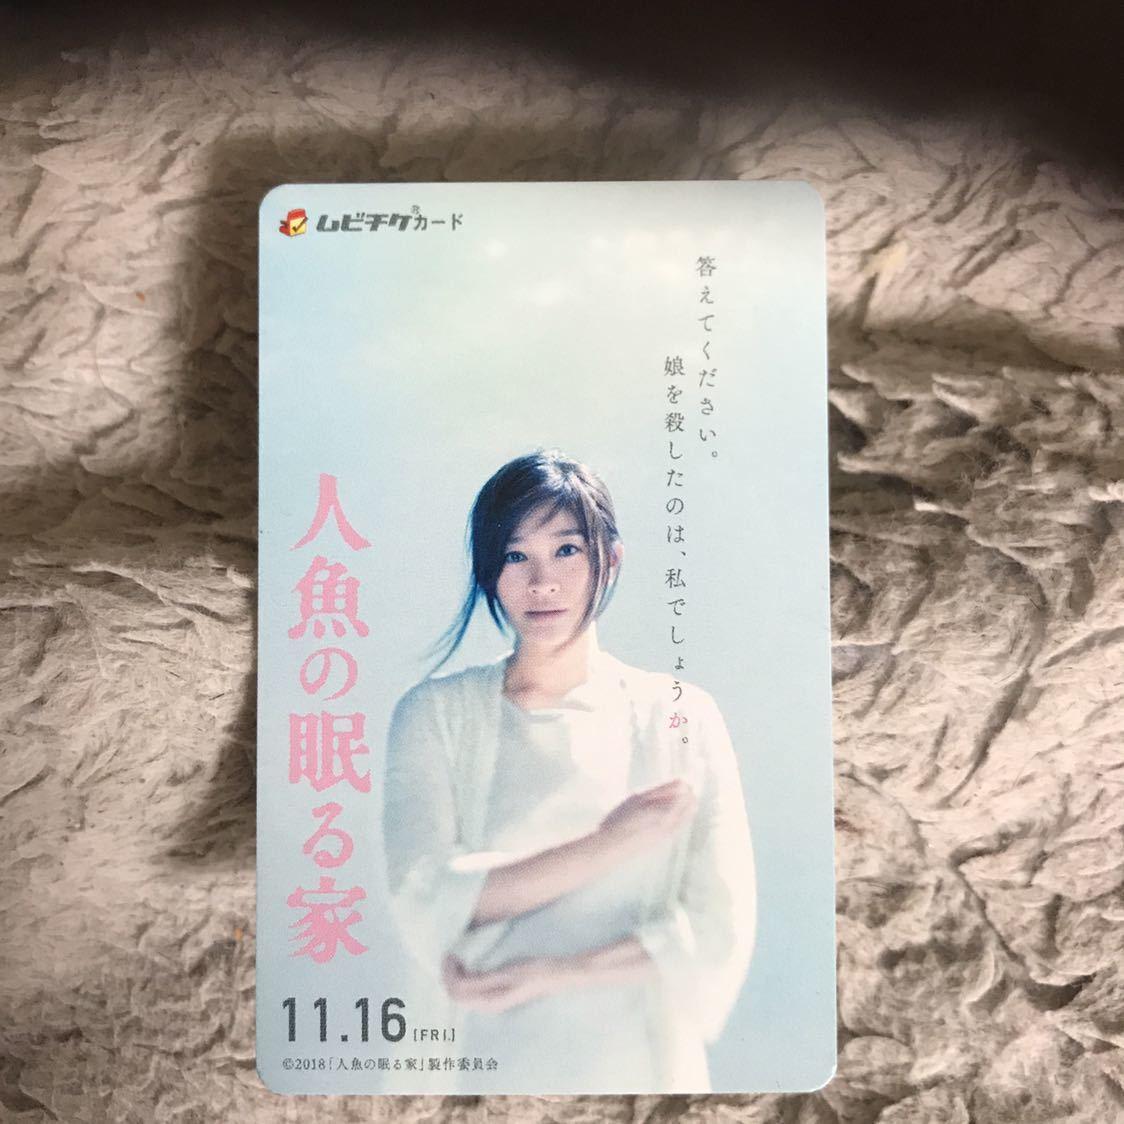 人魚の眠る家 使用済 ムビチケ 前売り券 半券  篠原涼子 西島秀俊 ※発送は11月下旬になります。